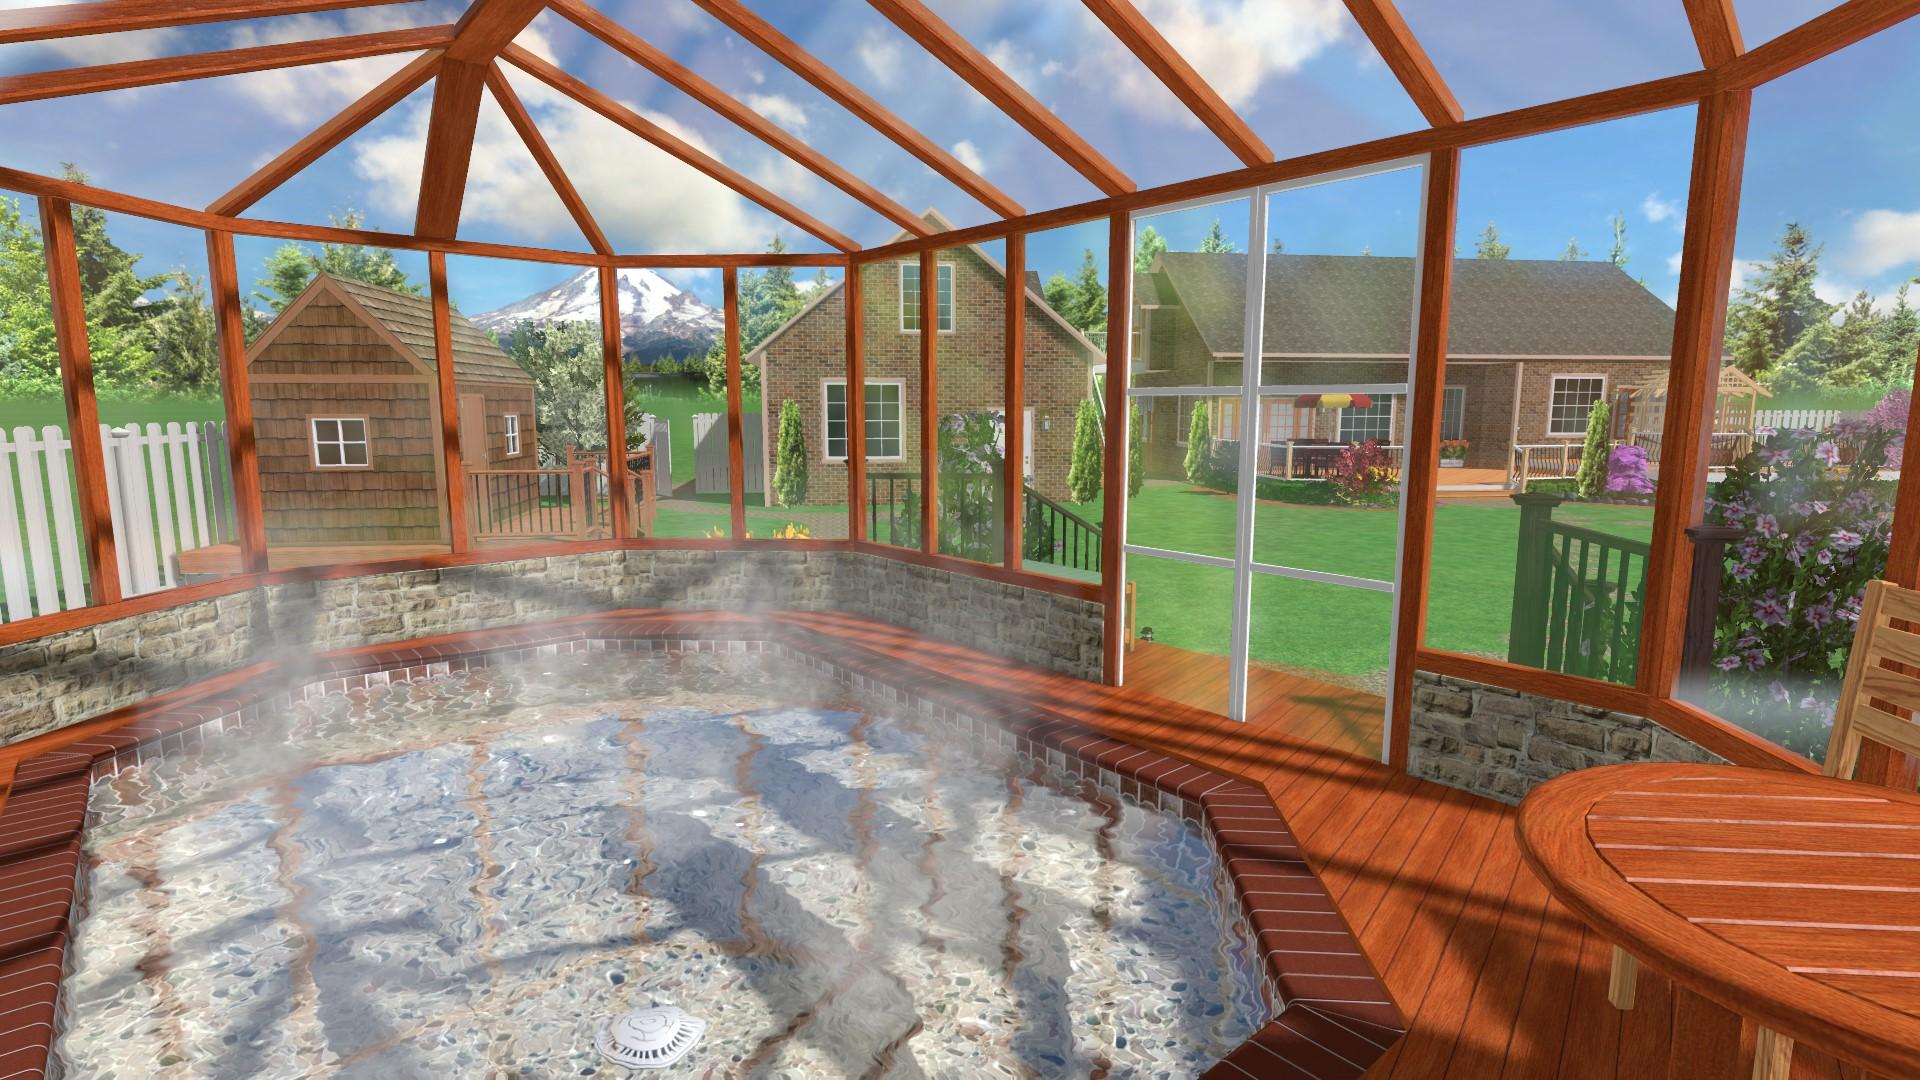 Indoor Spa And Landscape Design